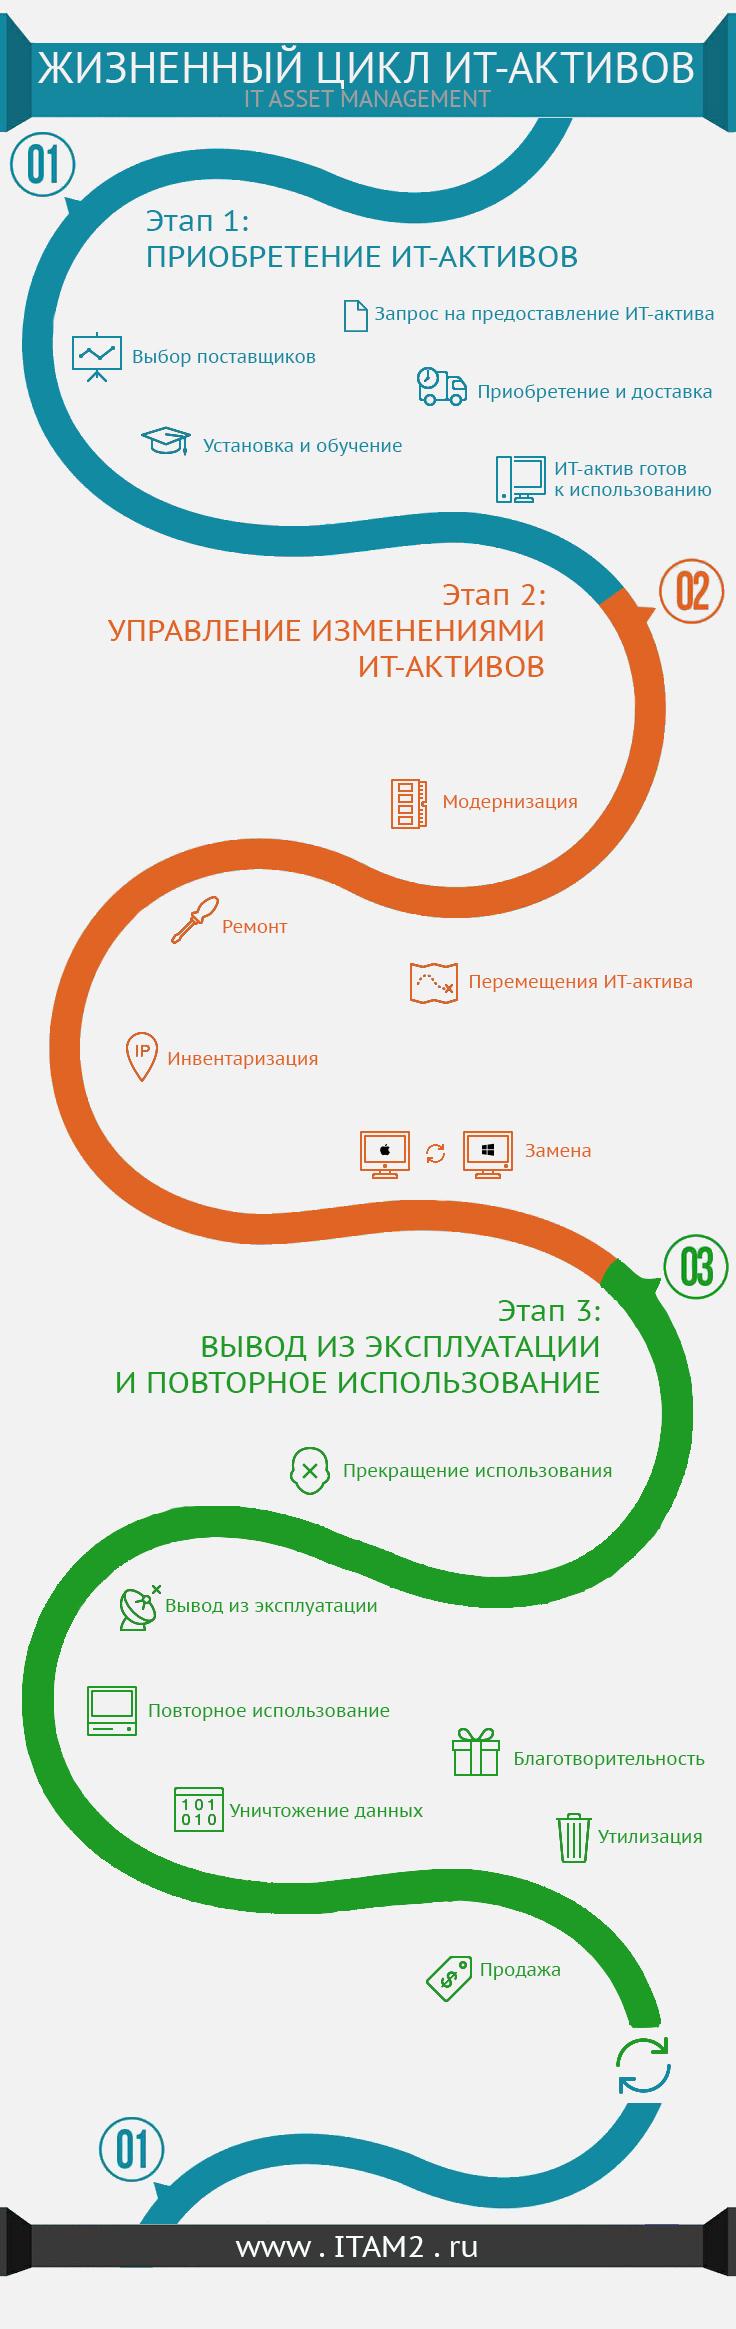 Инфографика о жизненном цикле ИТ-актива